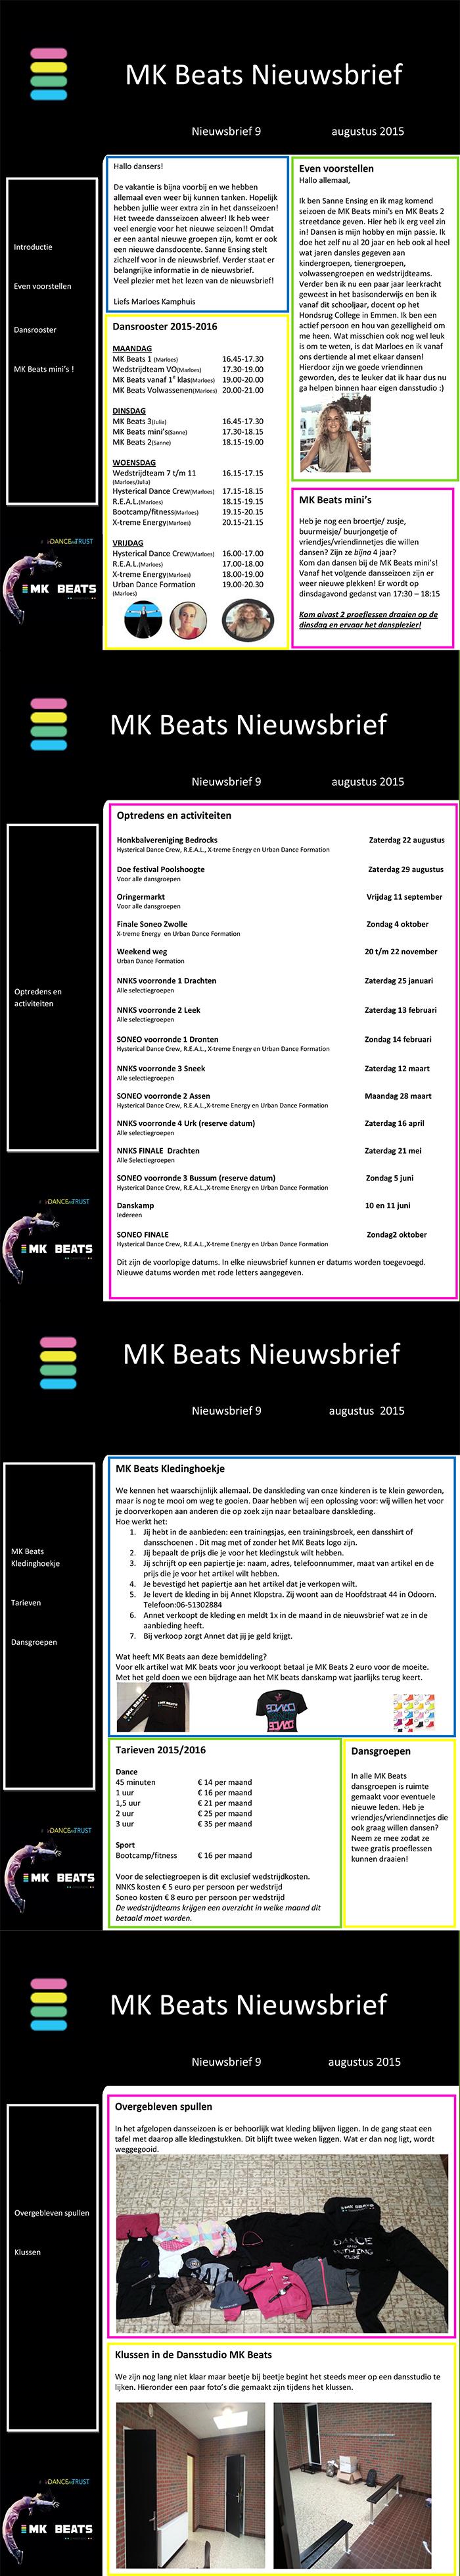 Nieuwsbrief MK Beats augustus 2015 (1)-1